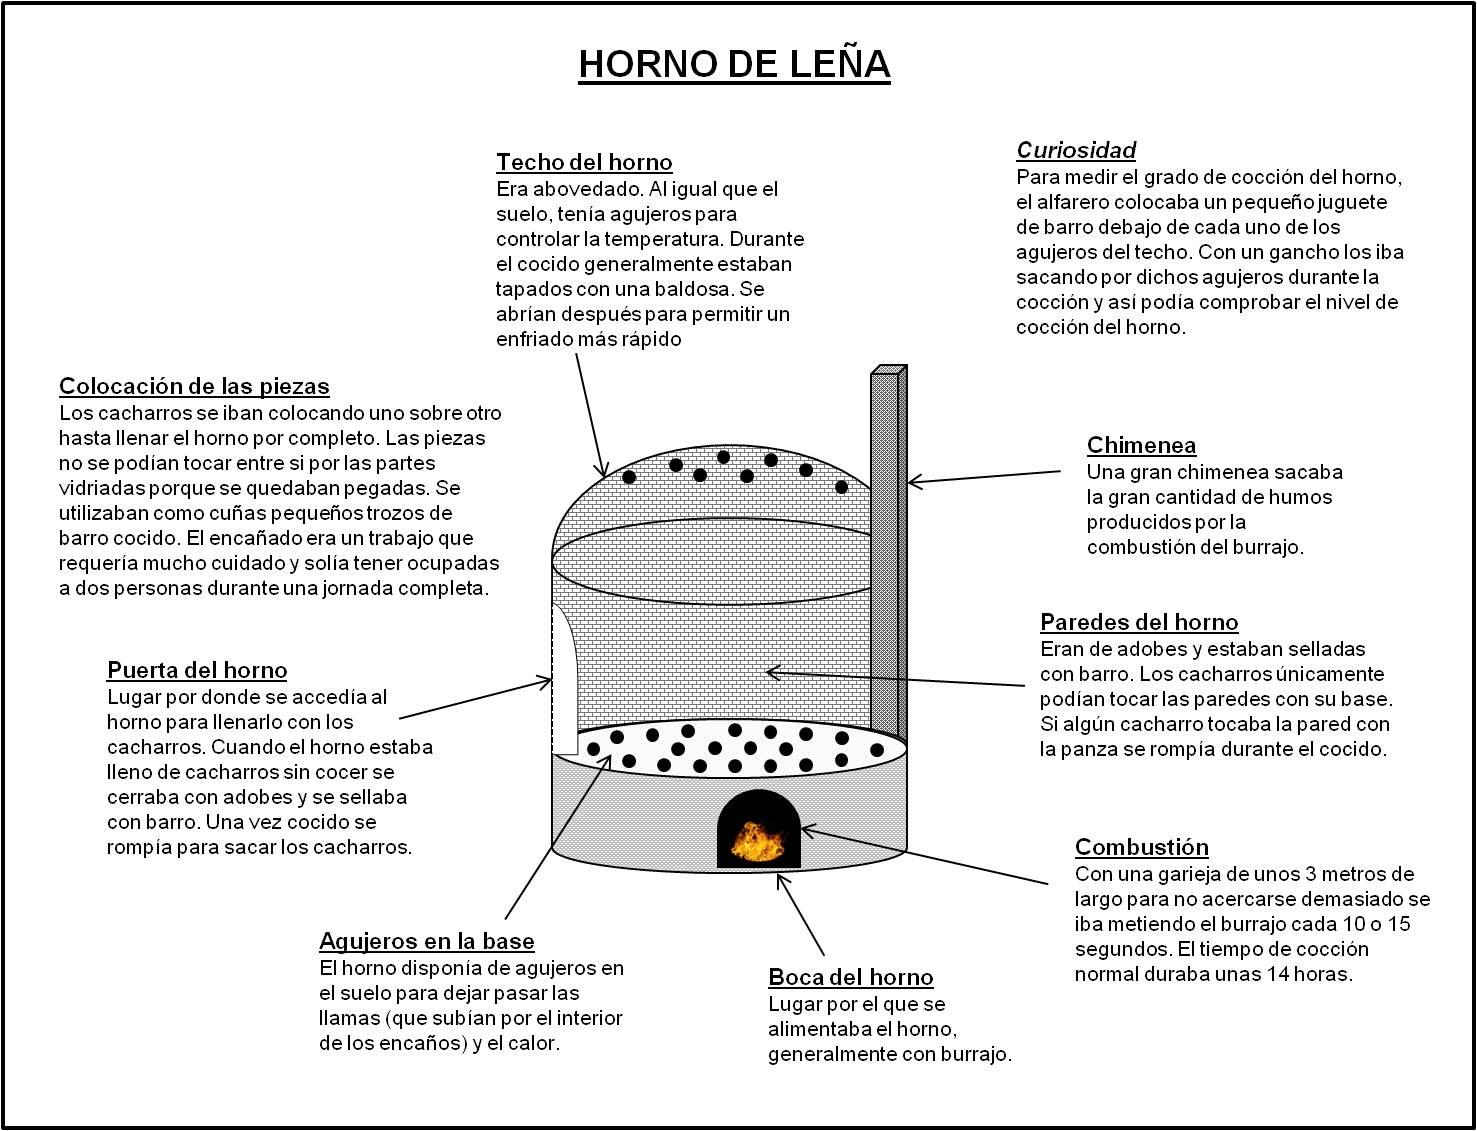 History - Hornos de lena planos ...